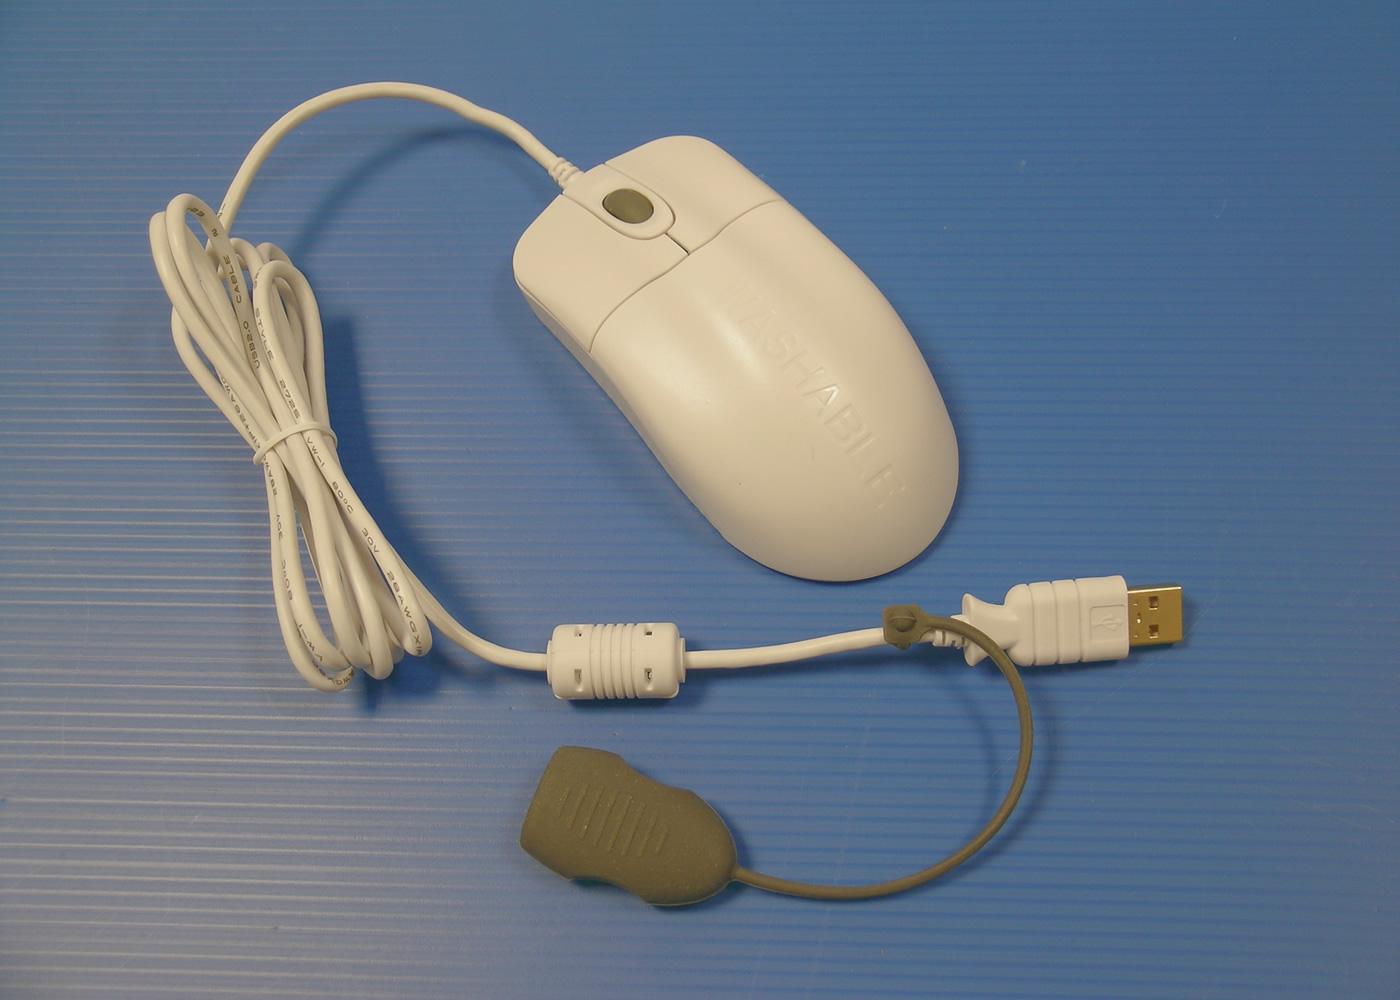 Souris médicale optique nettoyable blanche antibactérienne – connecteur USB avec bouchon étanche